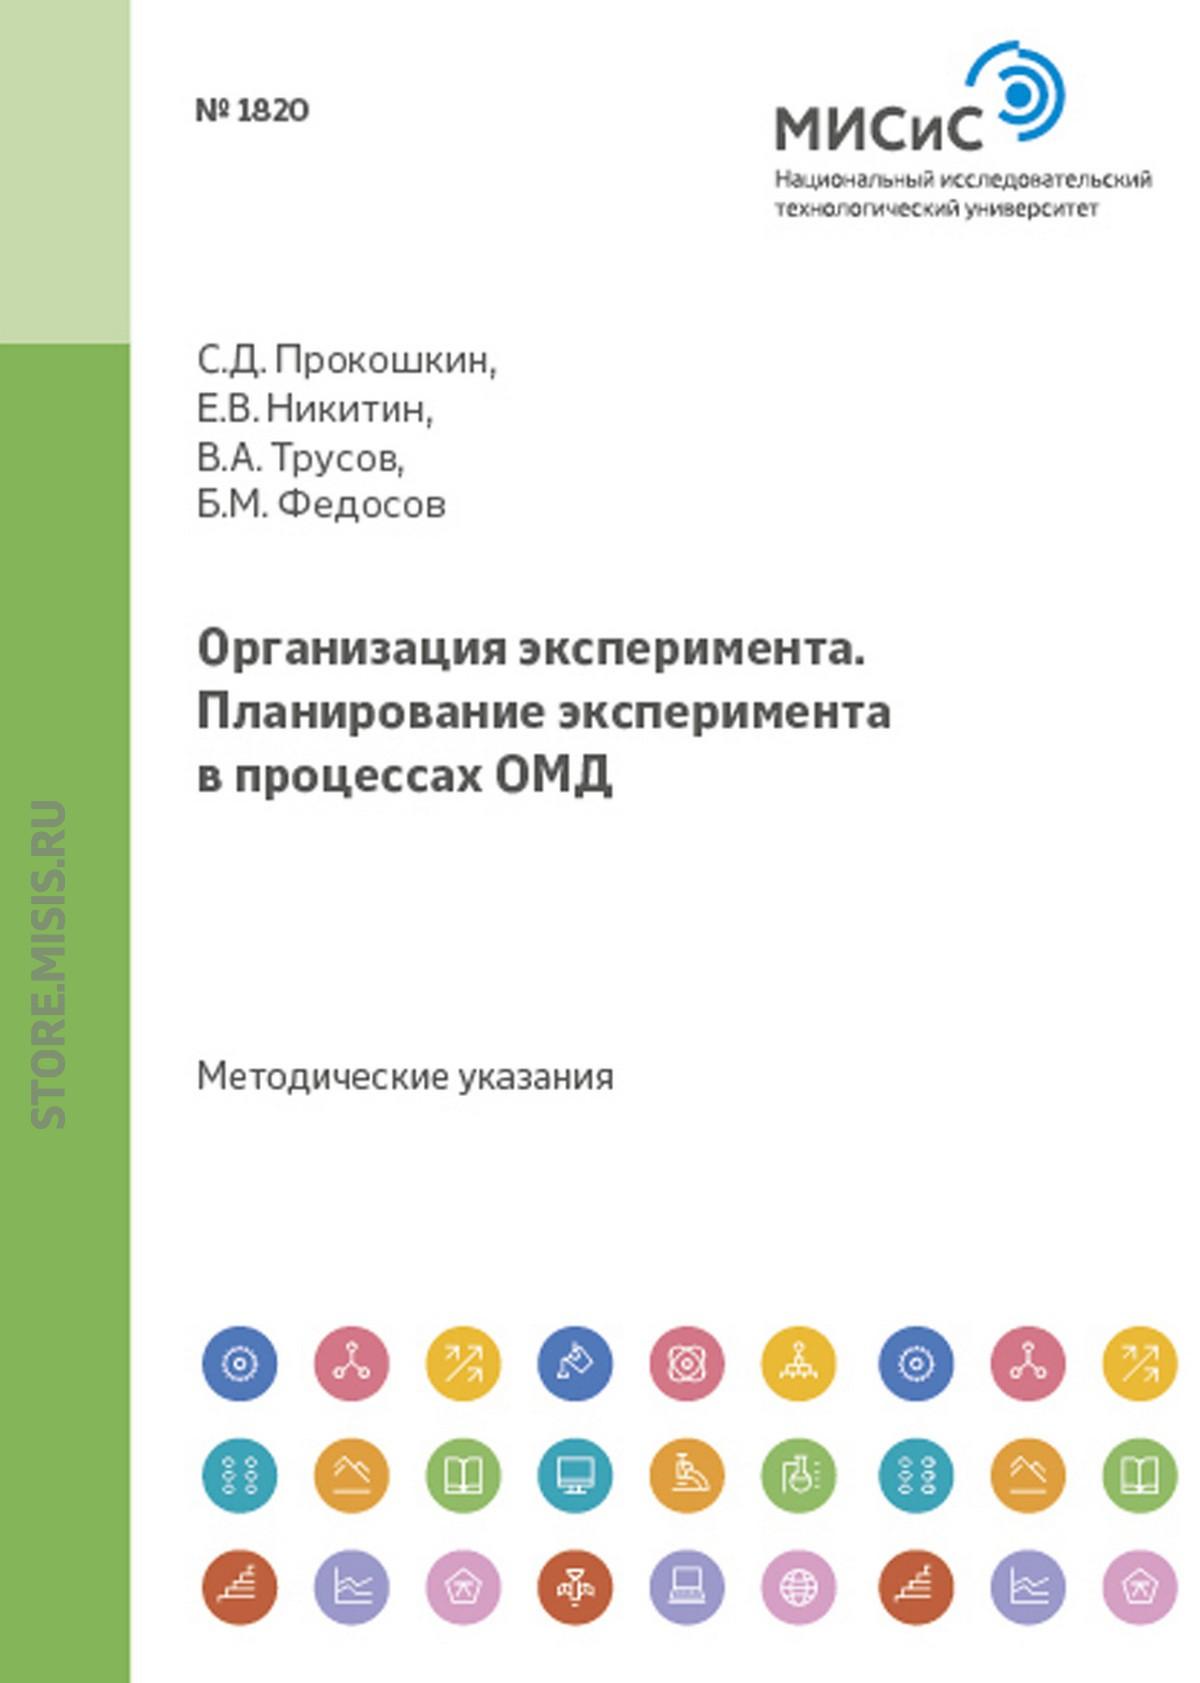 Евгений Никитин Организация эксперимента. Планирование эксперимента в процессах ОМД